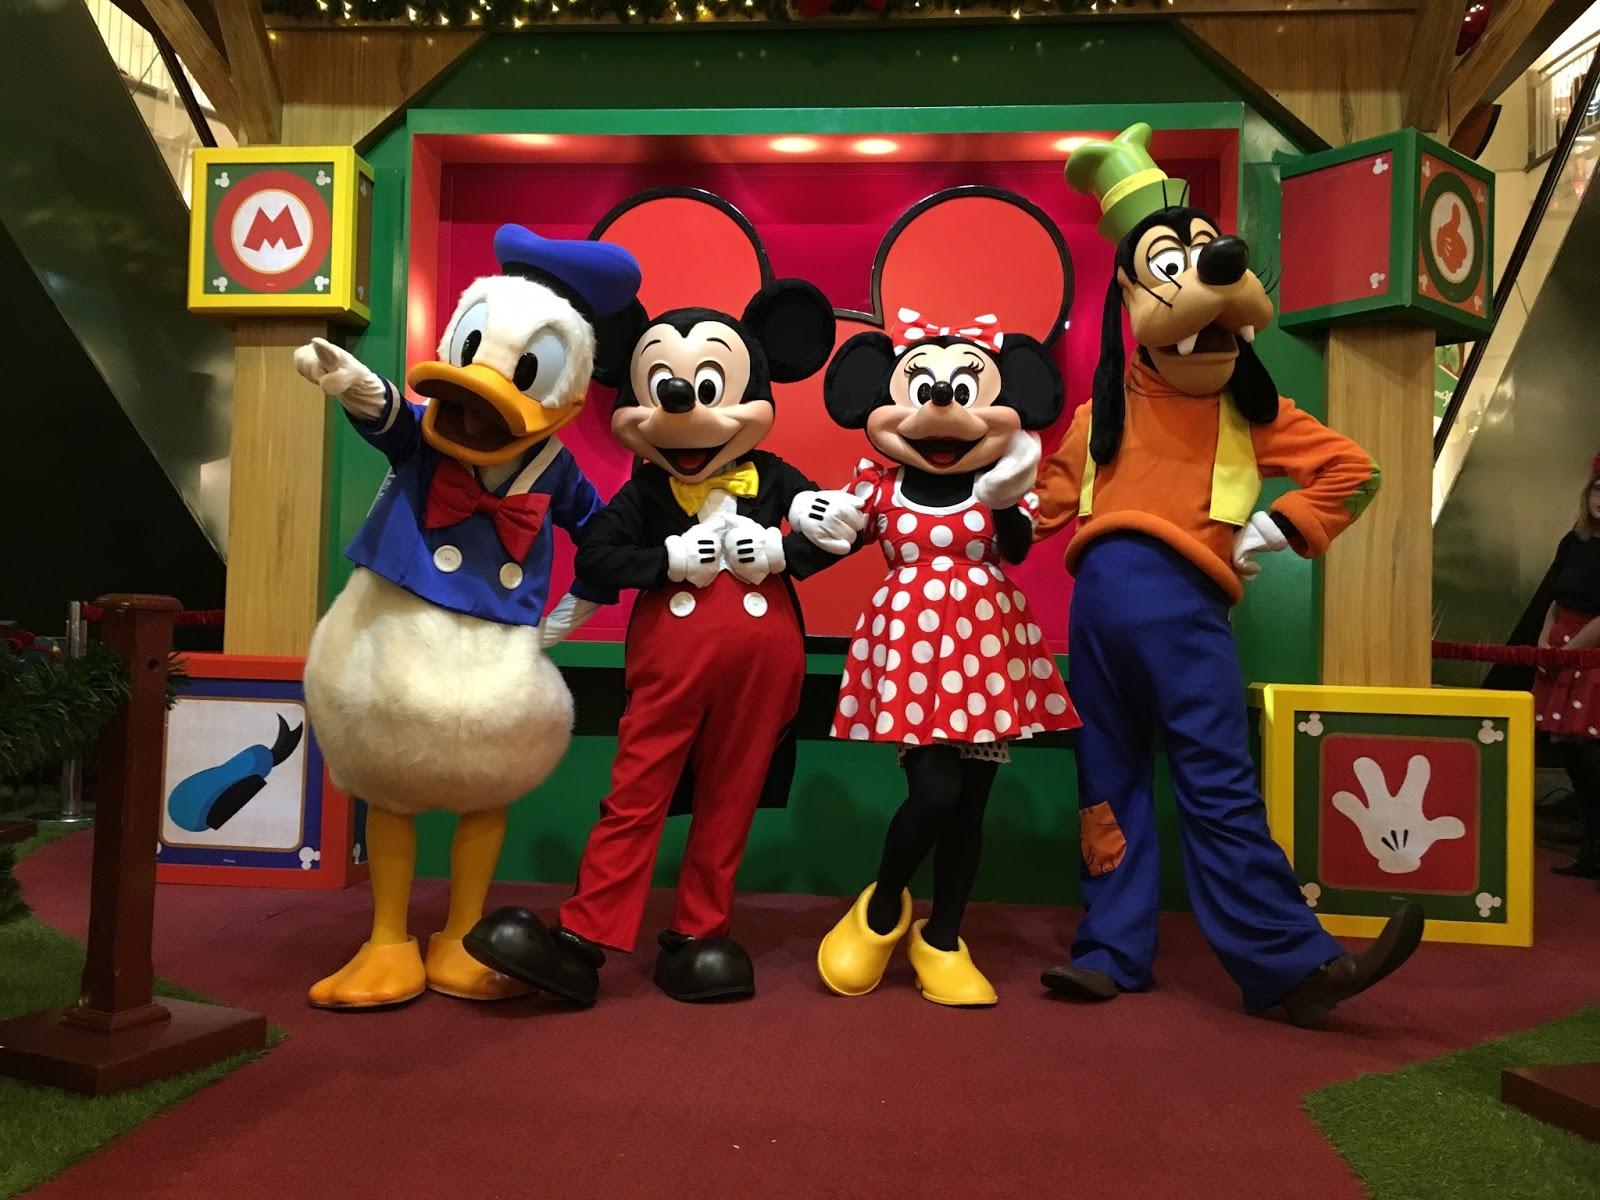 31d7cec5ed O mundo mágico de Disney encanta o Natal do NorteShopping com a chegada de  um evento divertido, interativo e repleto de fantasia. Mickey e seus  amigos, ...